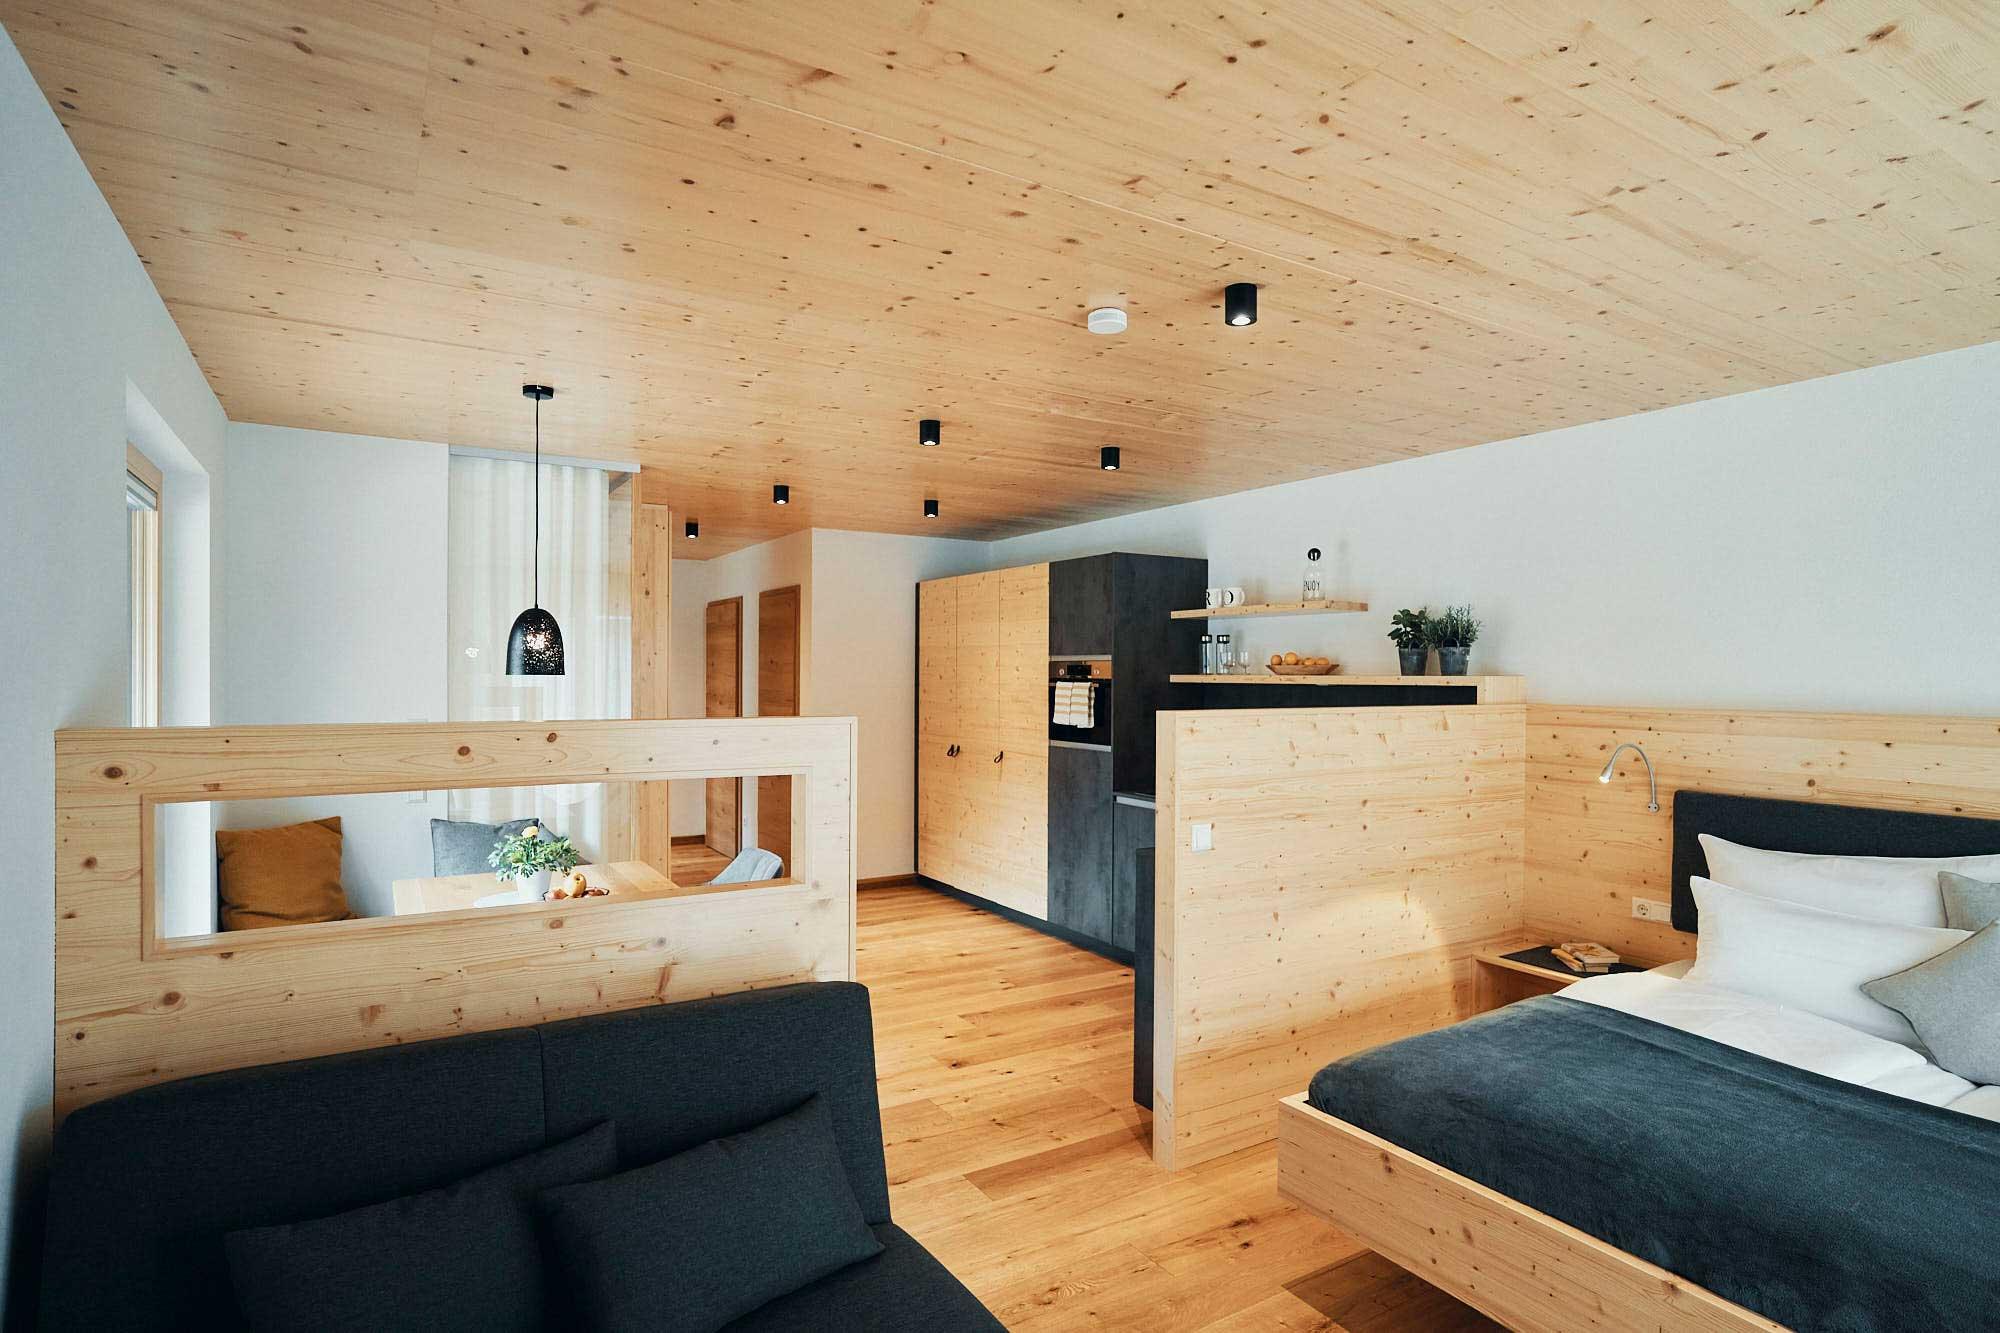 ECHTZEIT Ferien Apartment - Lebenszauber - Wohlfühl-Zimmer